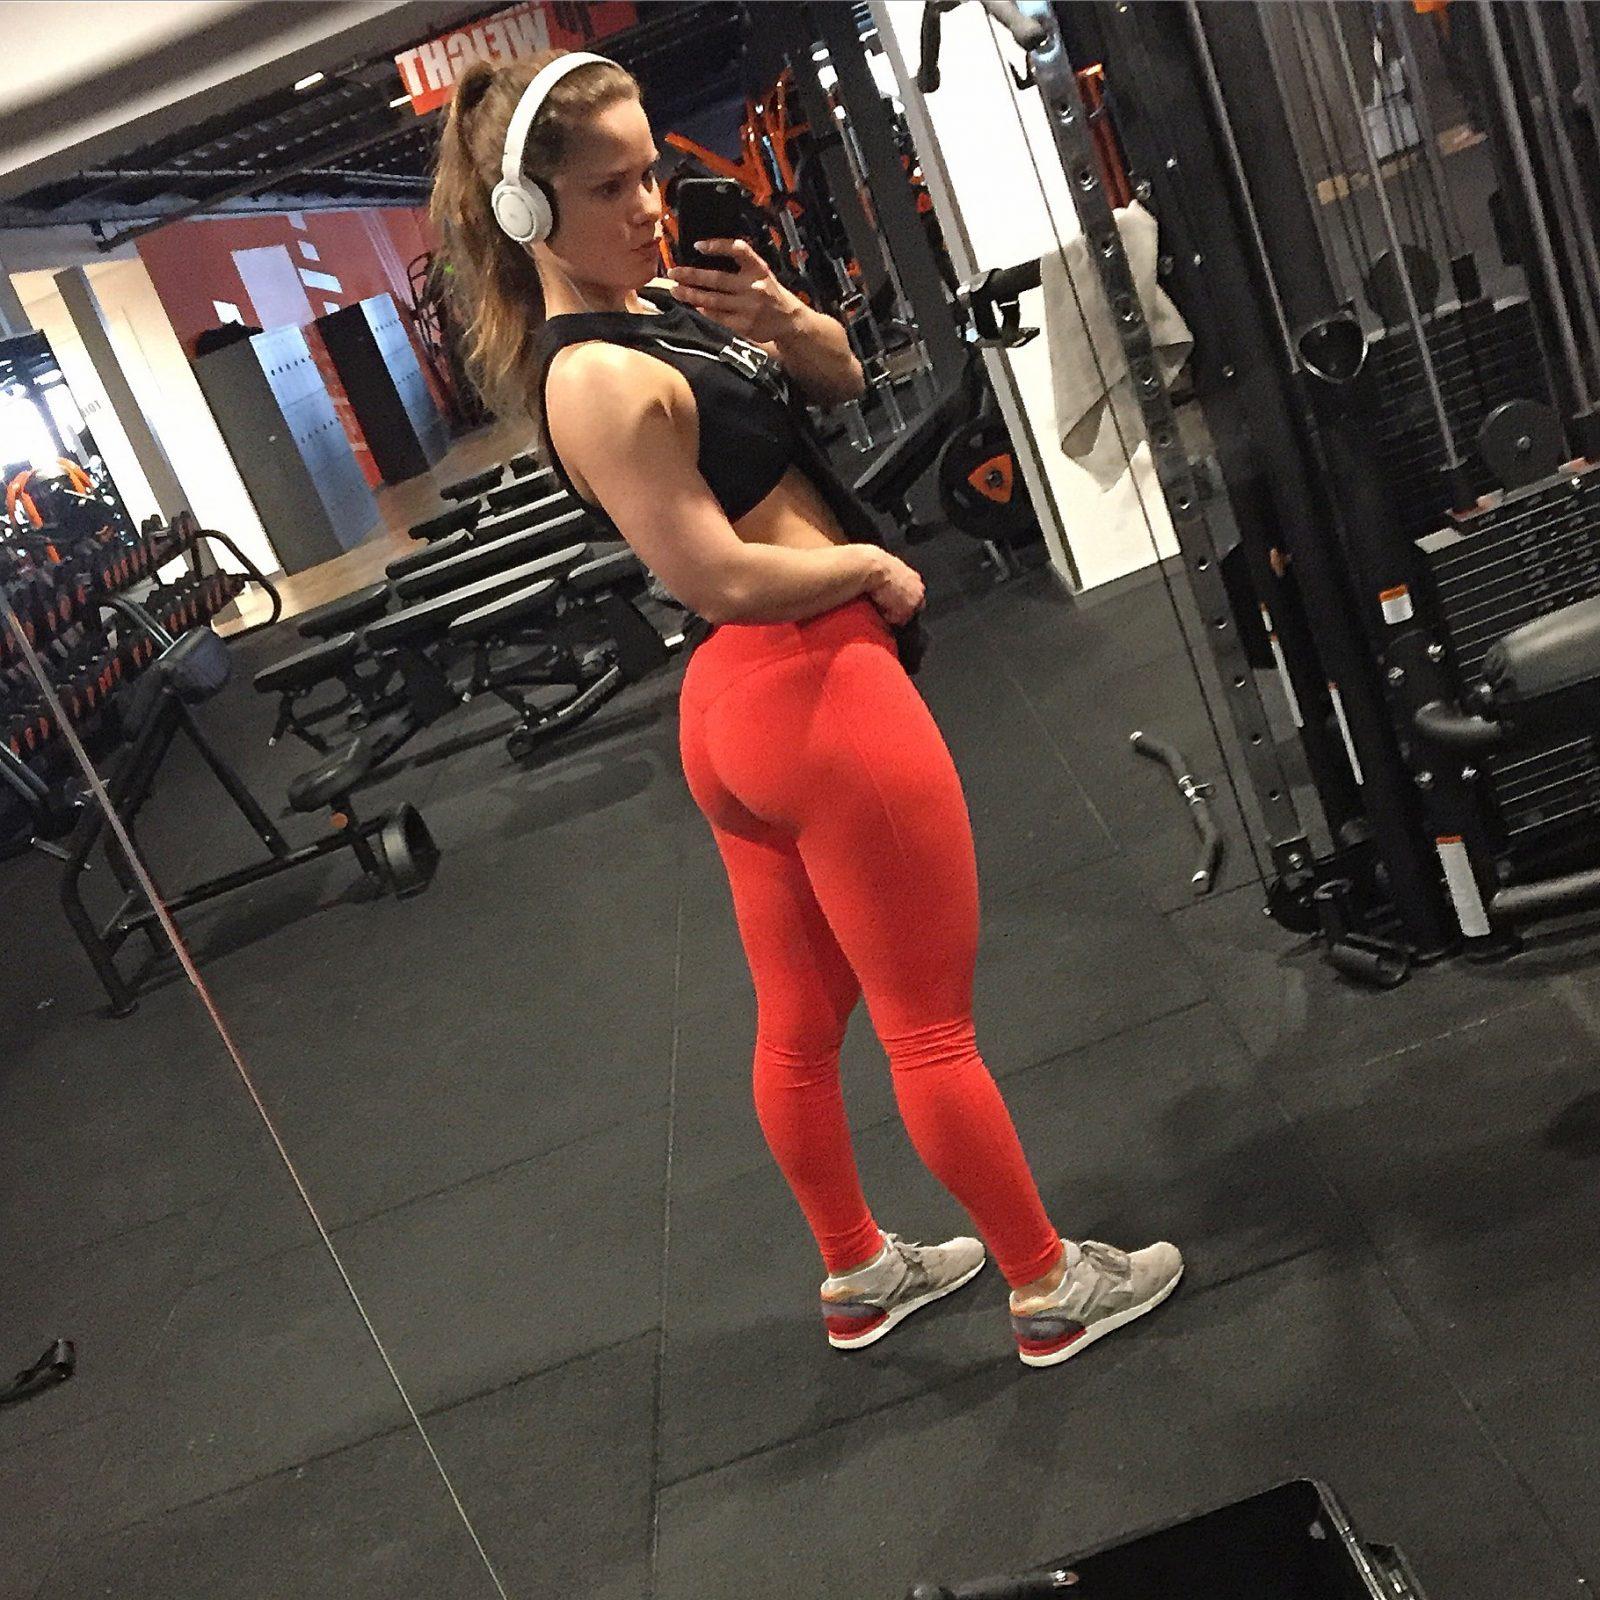 Esmeralda de mul - Bodybuildingkleding.com-5